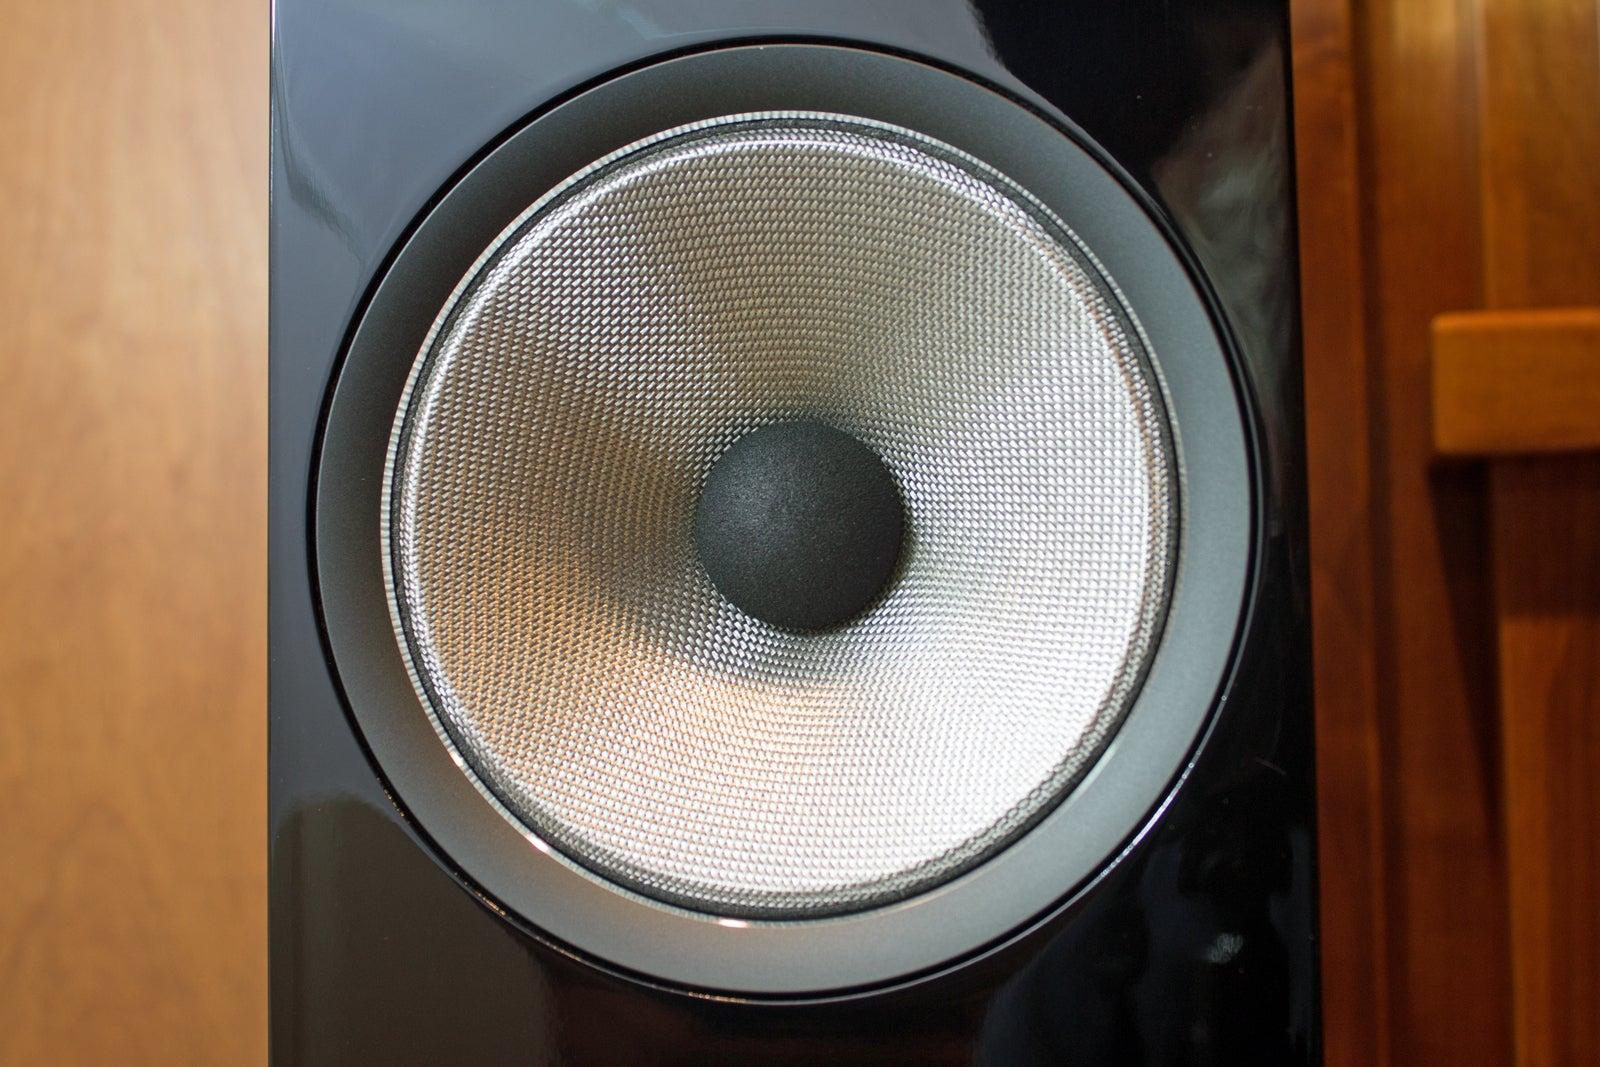 Bowers Amp Wilkins 704 S2 Loudspeaker Review These Floor